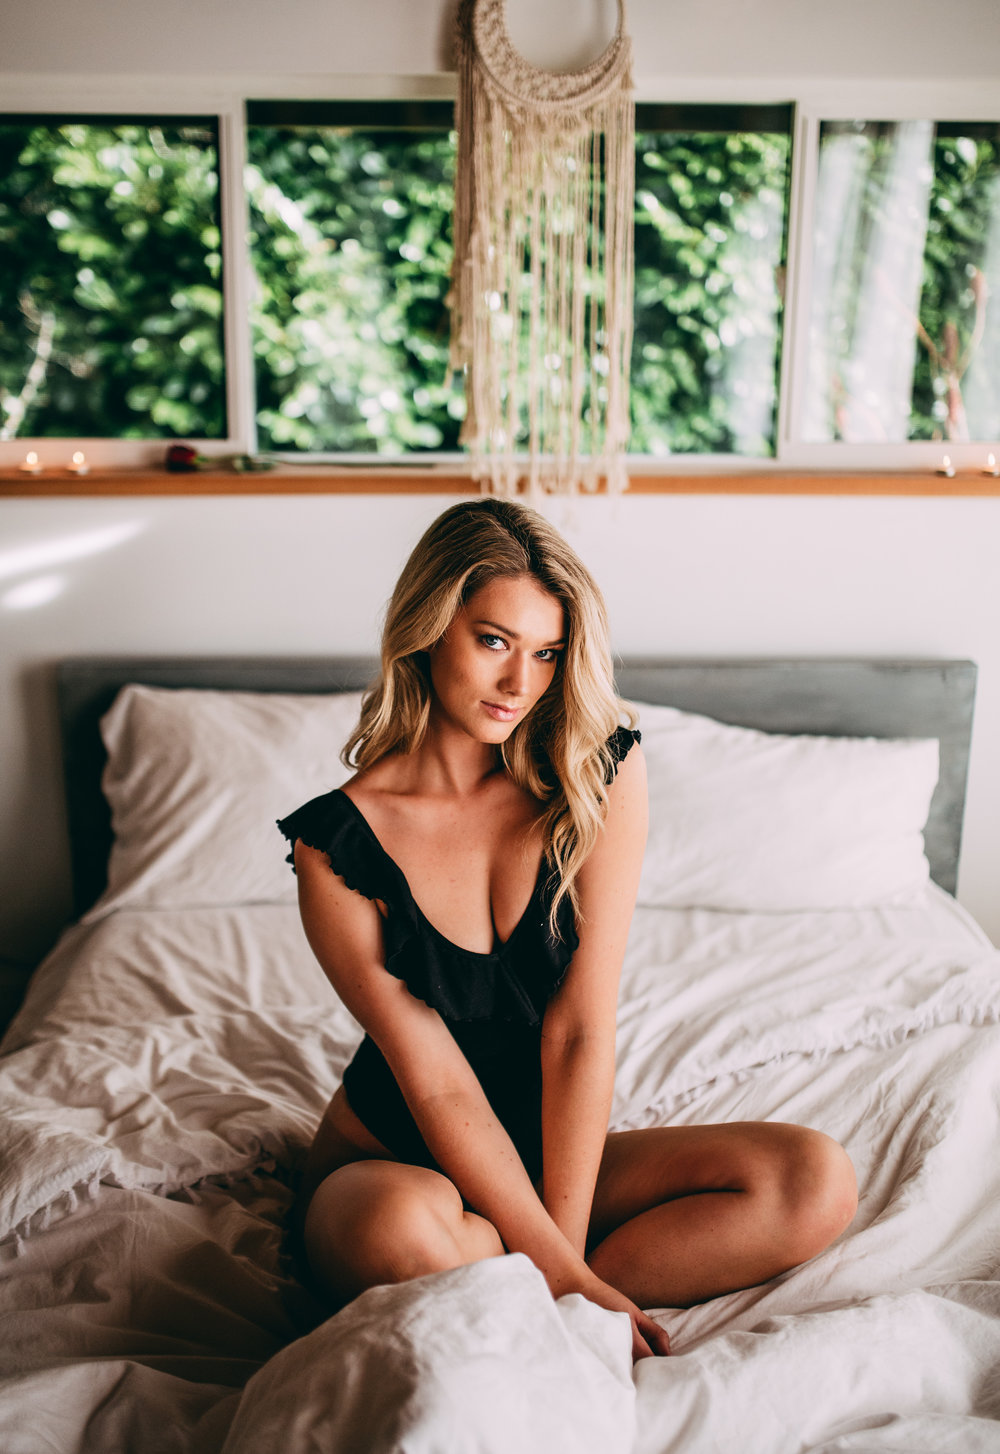 Emily-PaulineHoldenPhotography-5906.jpg